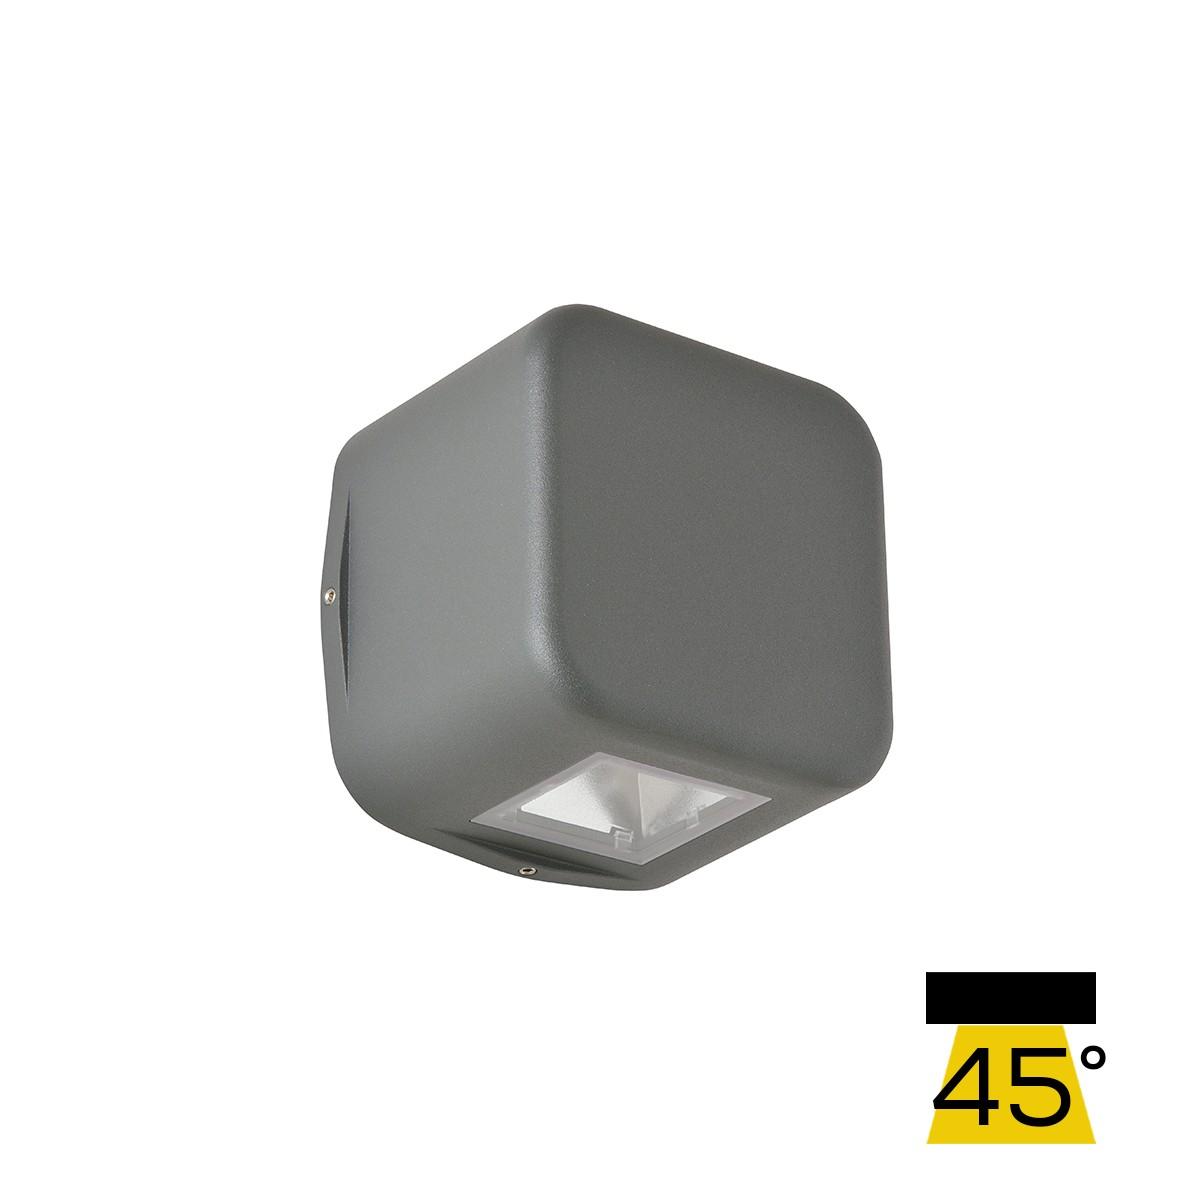 LCD Außenleuchten 1410/1411/1412 LED Wandleuchte, Graphit, Lichtausfall: breit (45°)